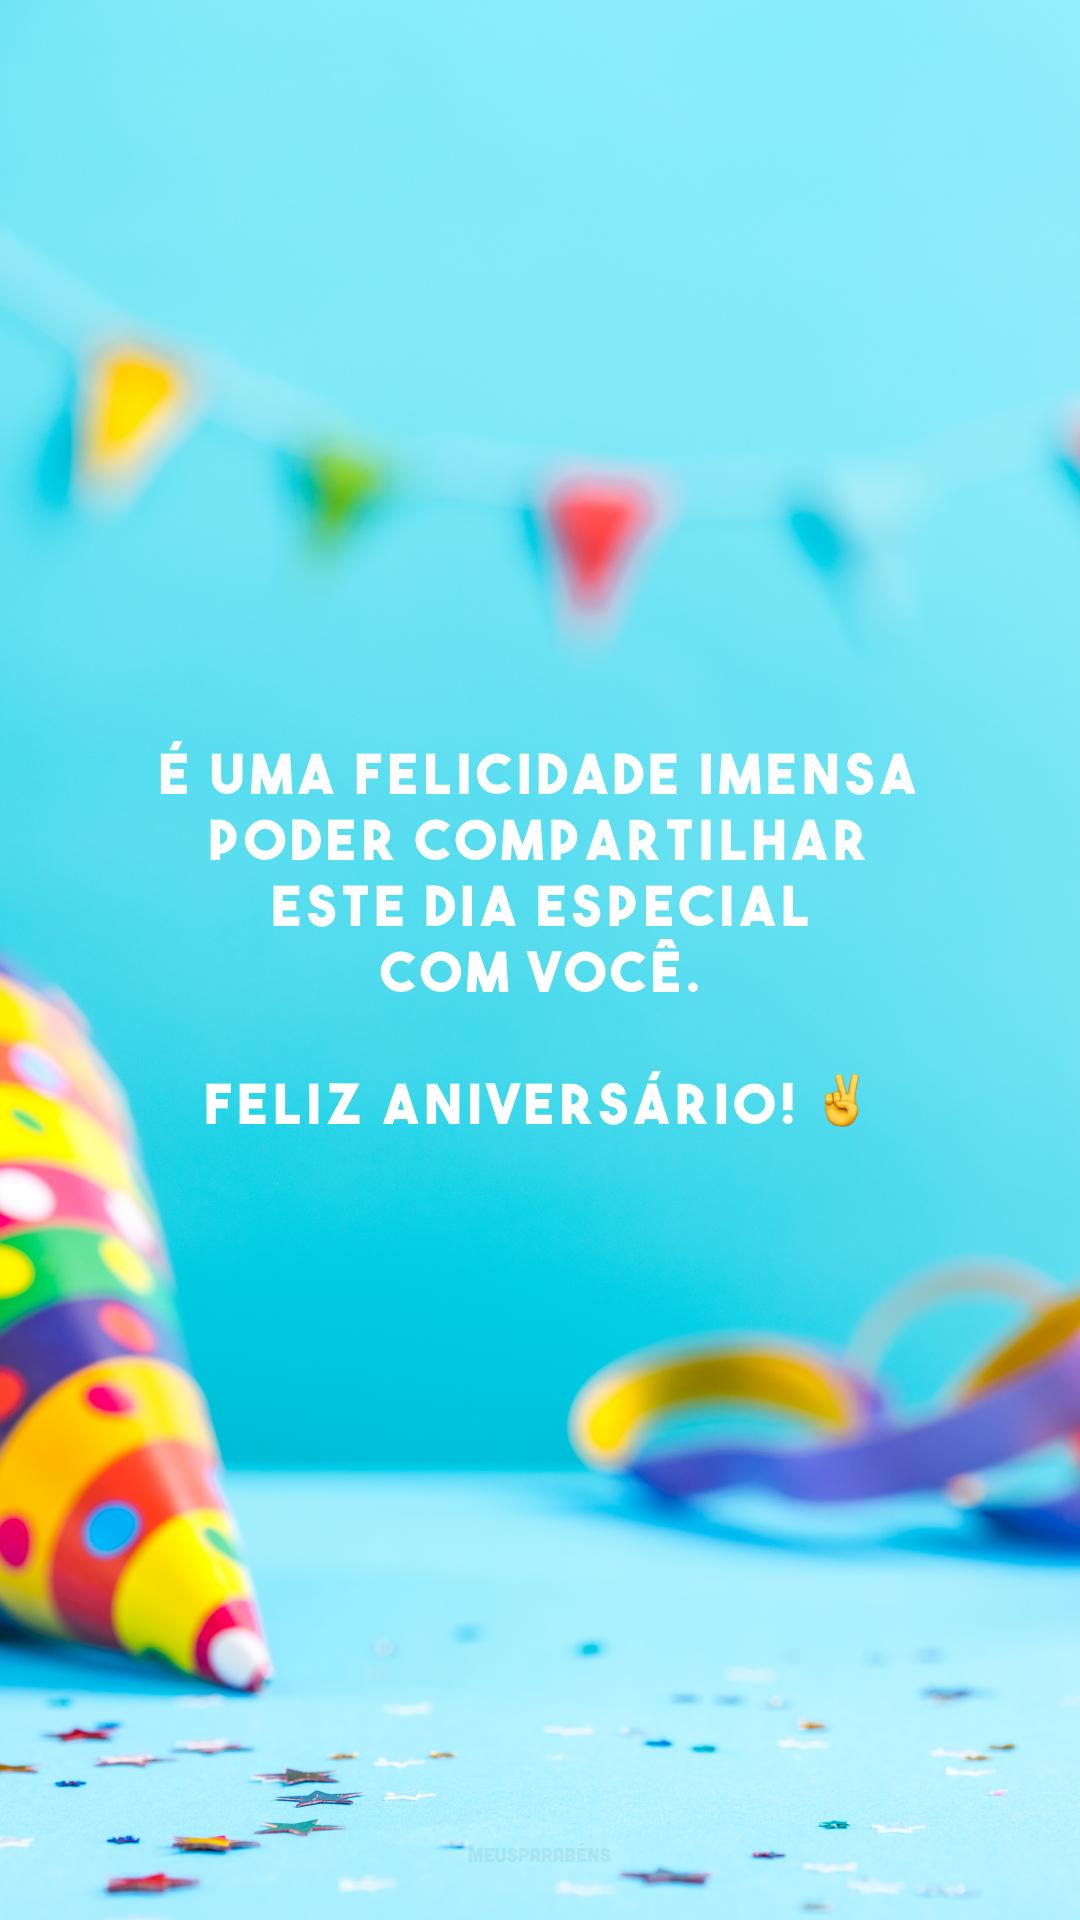 É uma felicidade imensa poder compartilhar este dia especial com você. Feliz aniversário! ✌️